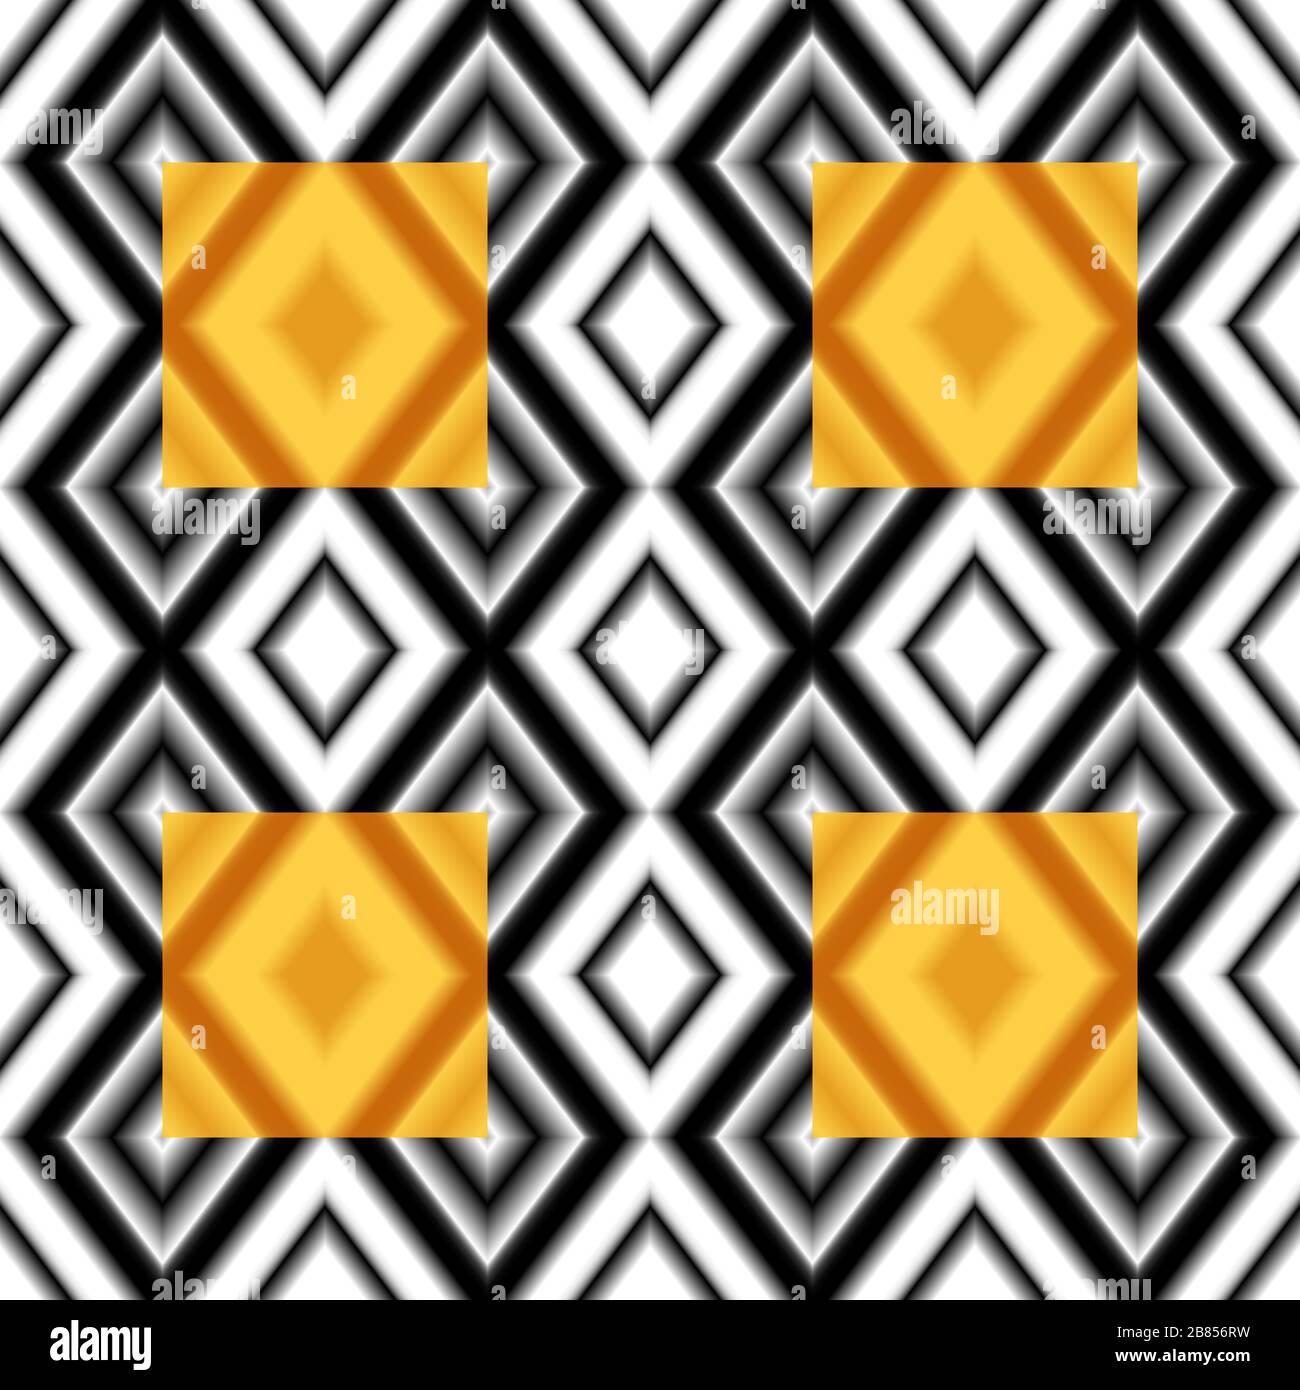 Nahtlose, bunte Kulisse. Bunte Struktur mit Farbverlauf und Rhomben. Schwarzweiß-Farben Stock Vektor